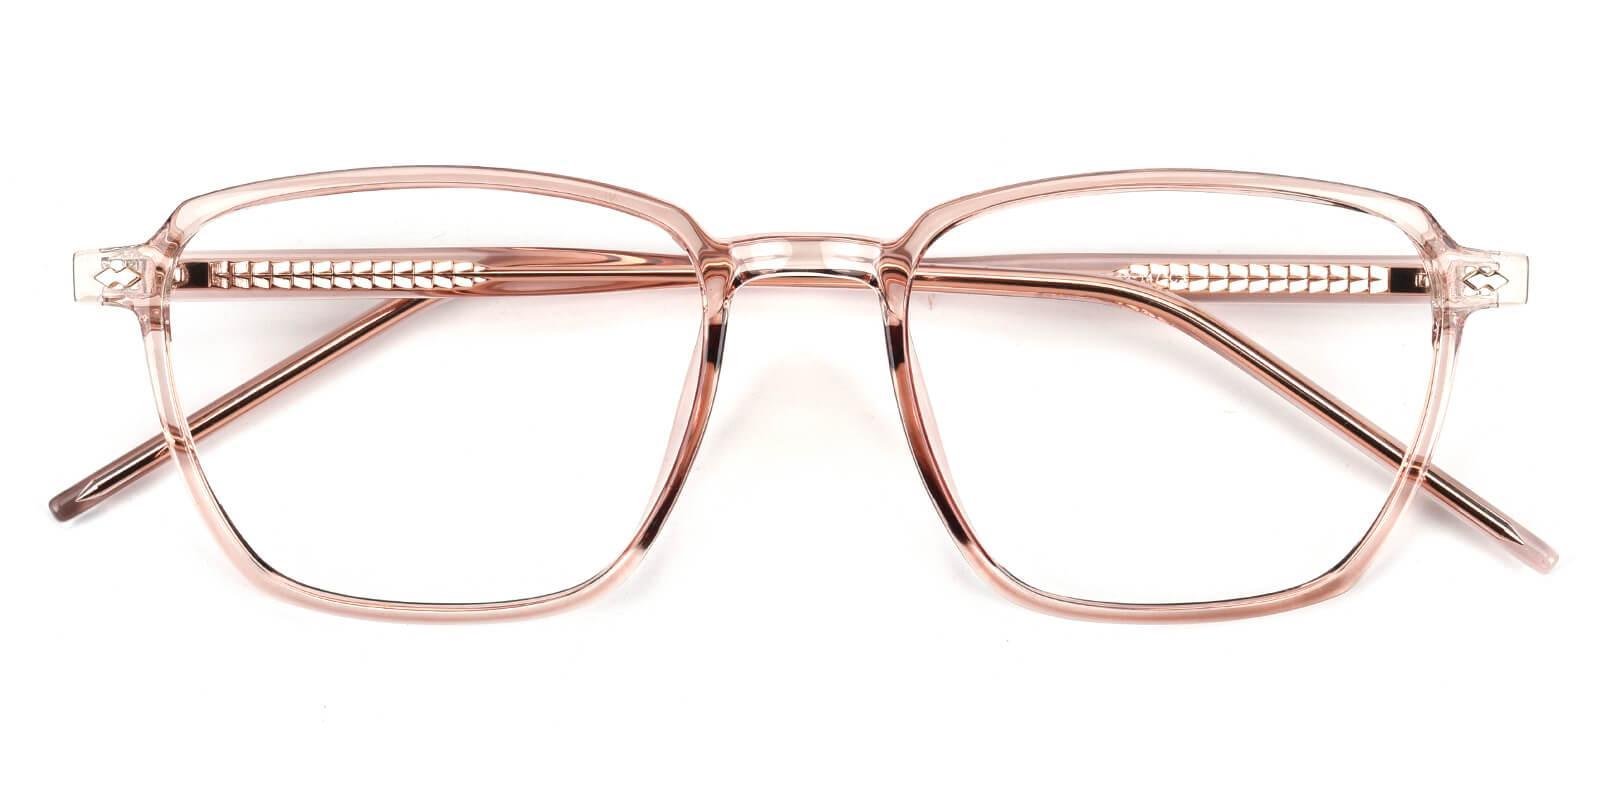 Rolita-Pink-Square-Acetate / TR-Eyeglasses-detail